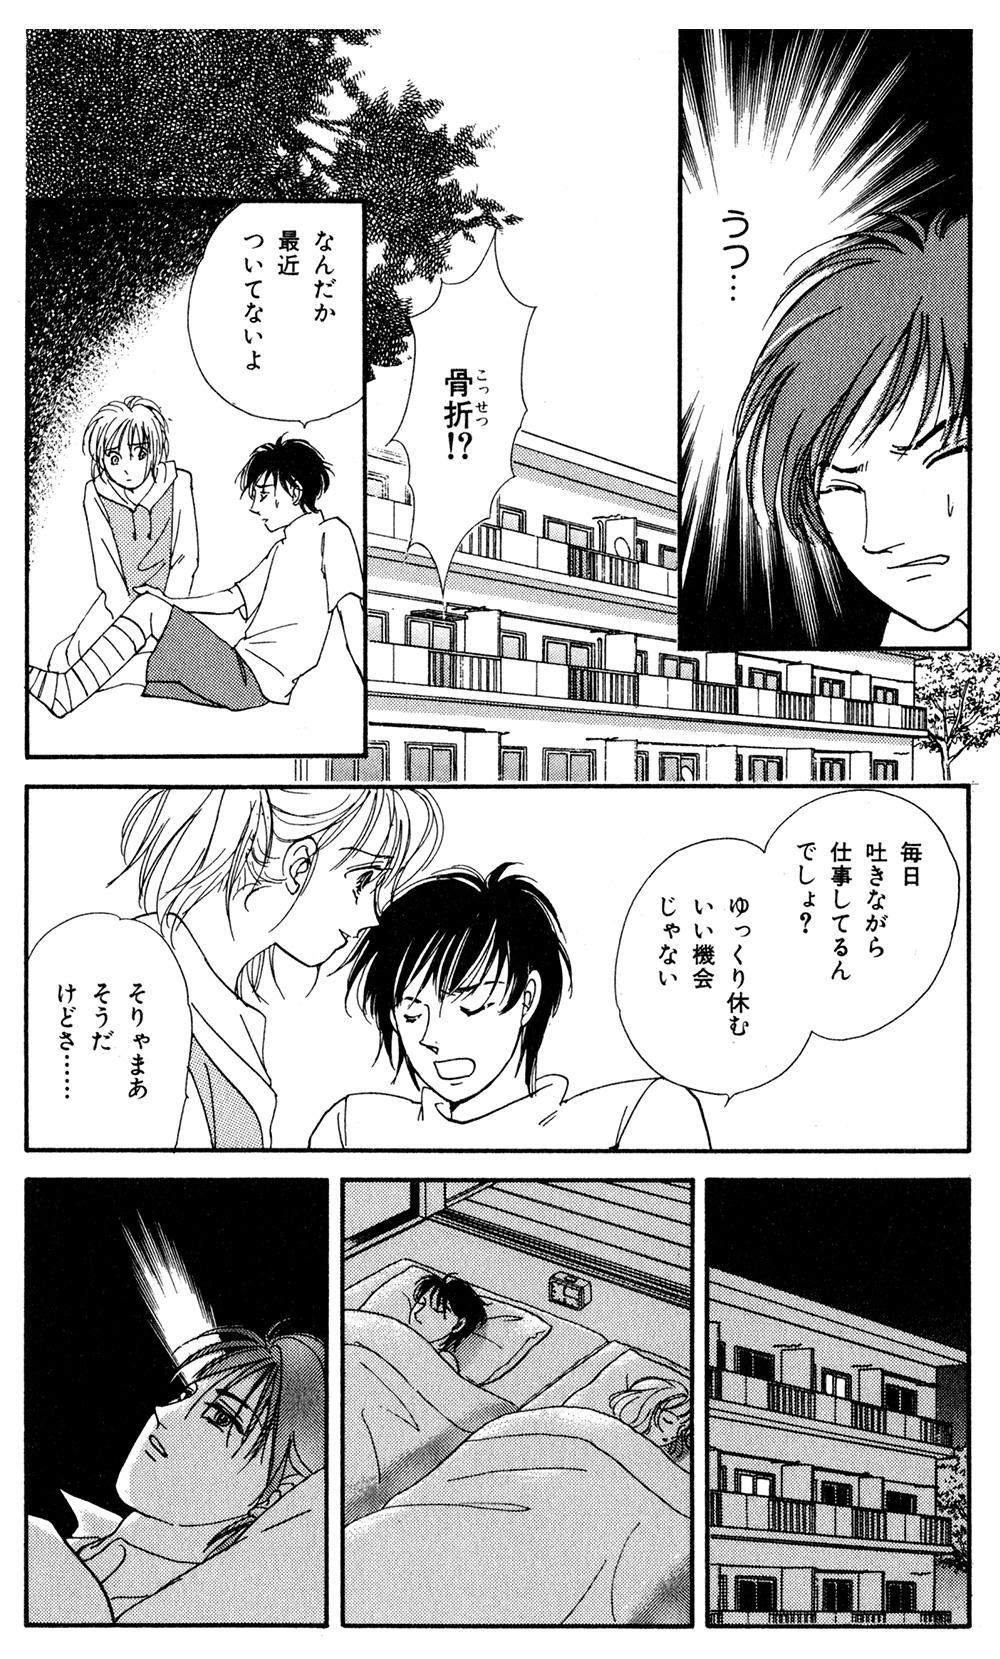 魔百合の恐怖報告 「災いを呼ぶ老婆」①rouba02-04.jpg